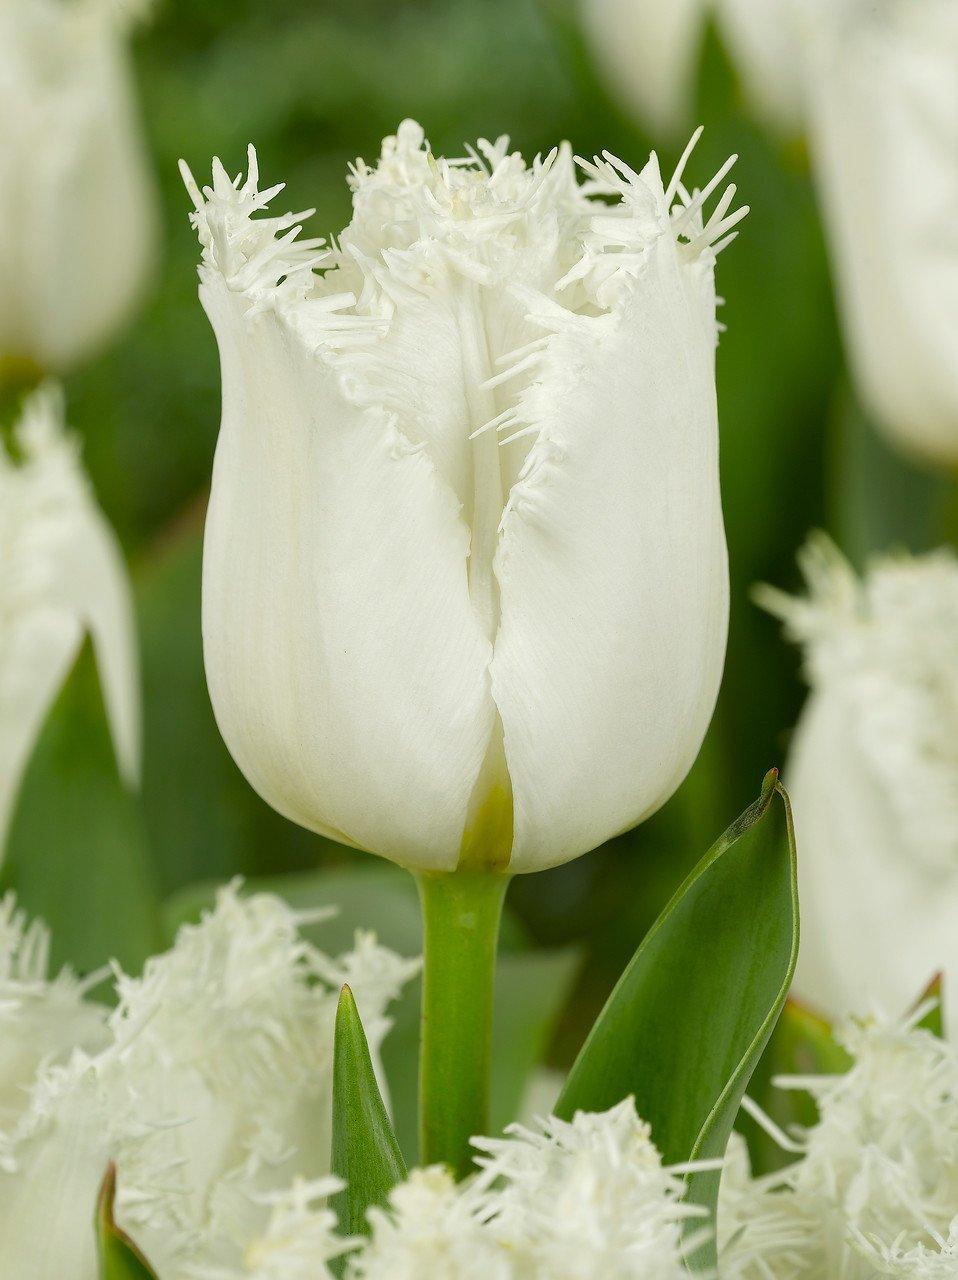 Tulipa 'North Pole'